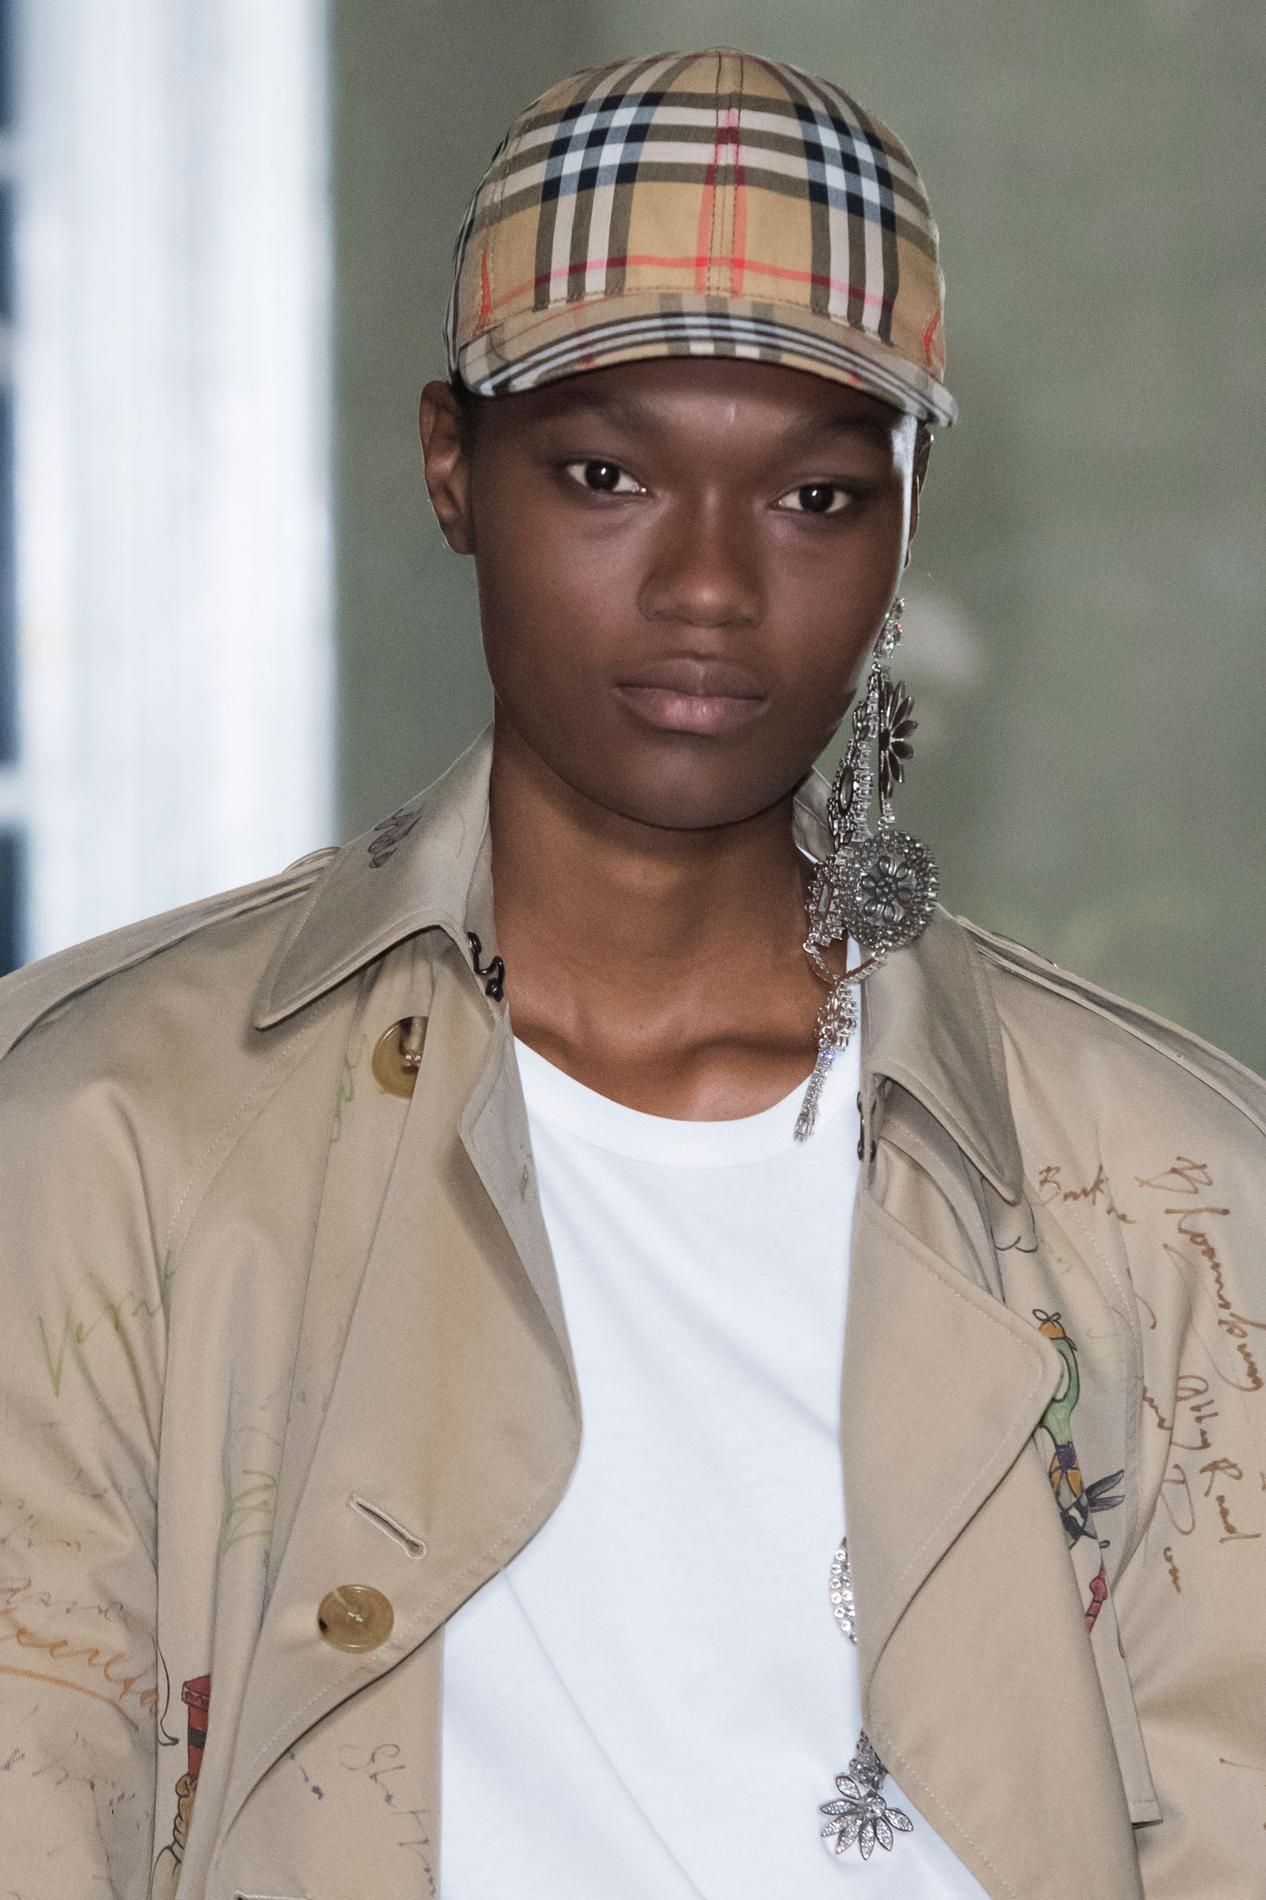 Burberry réhabilite la Vintage Check, sa casquette culte - Madame Figaro 1b8f25bdccf